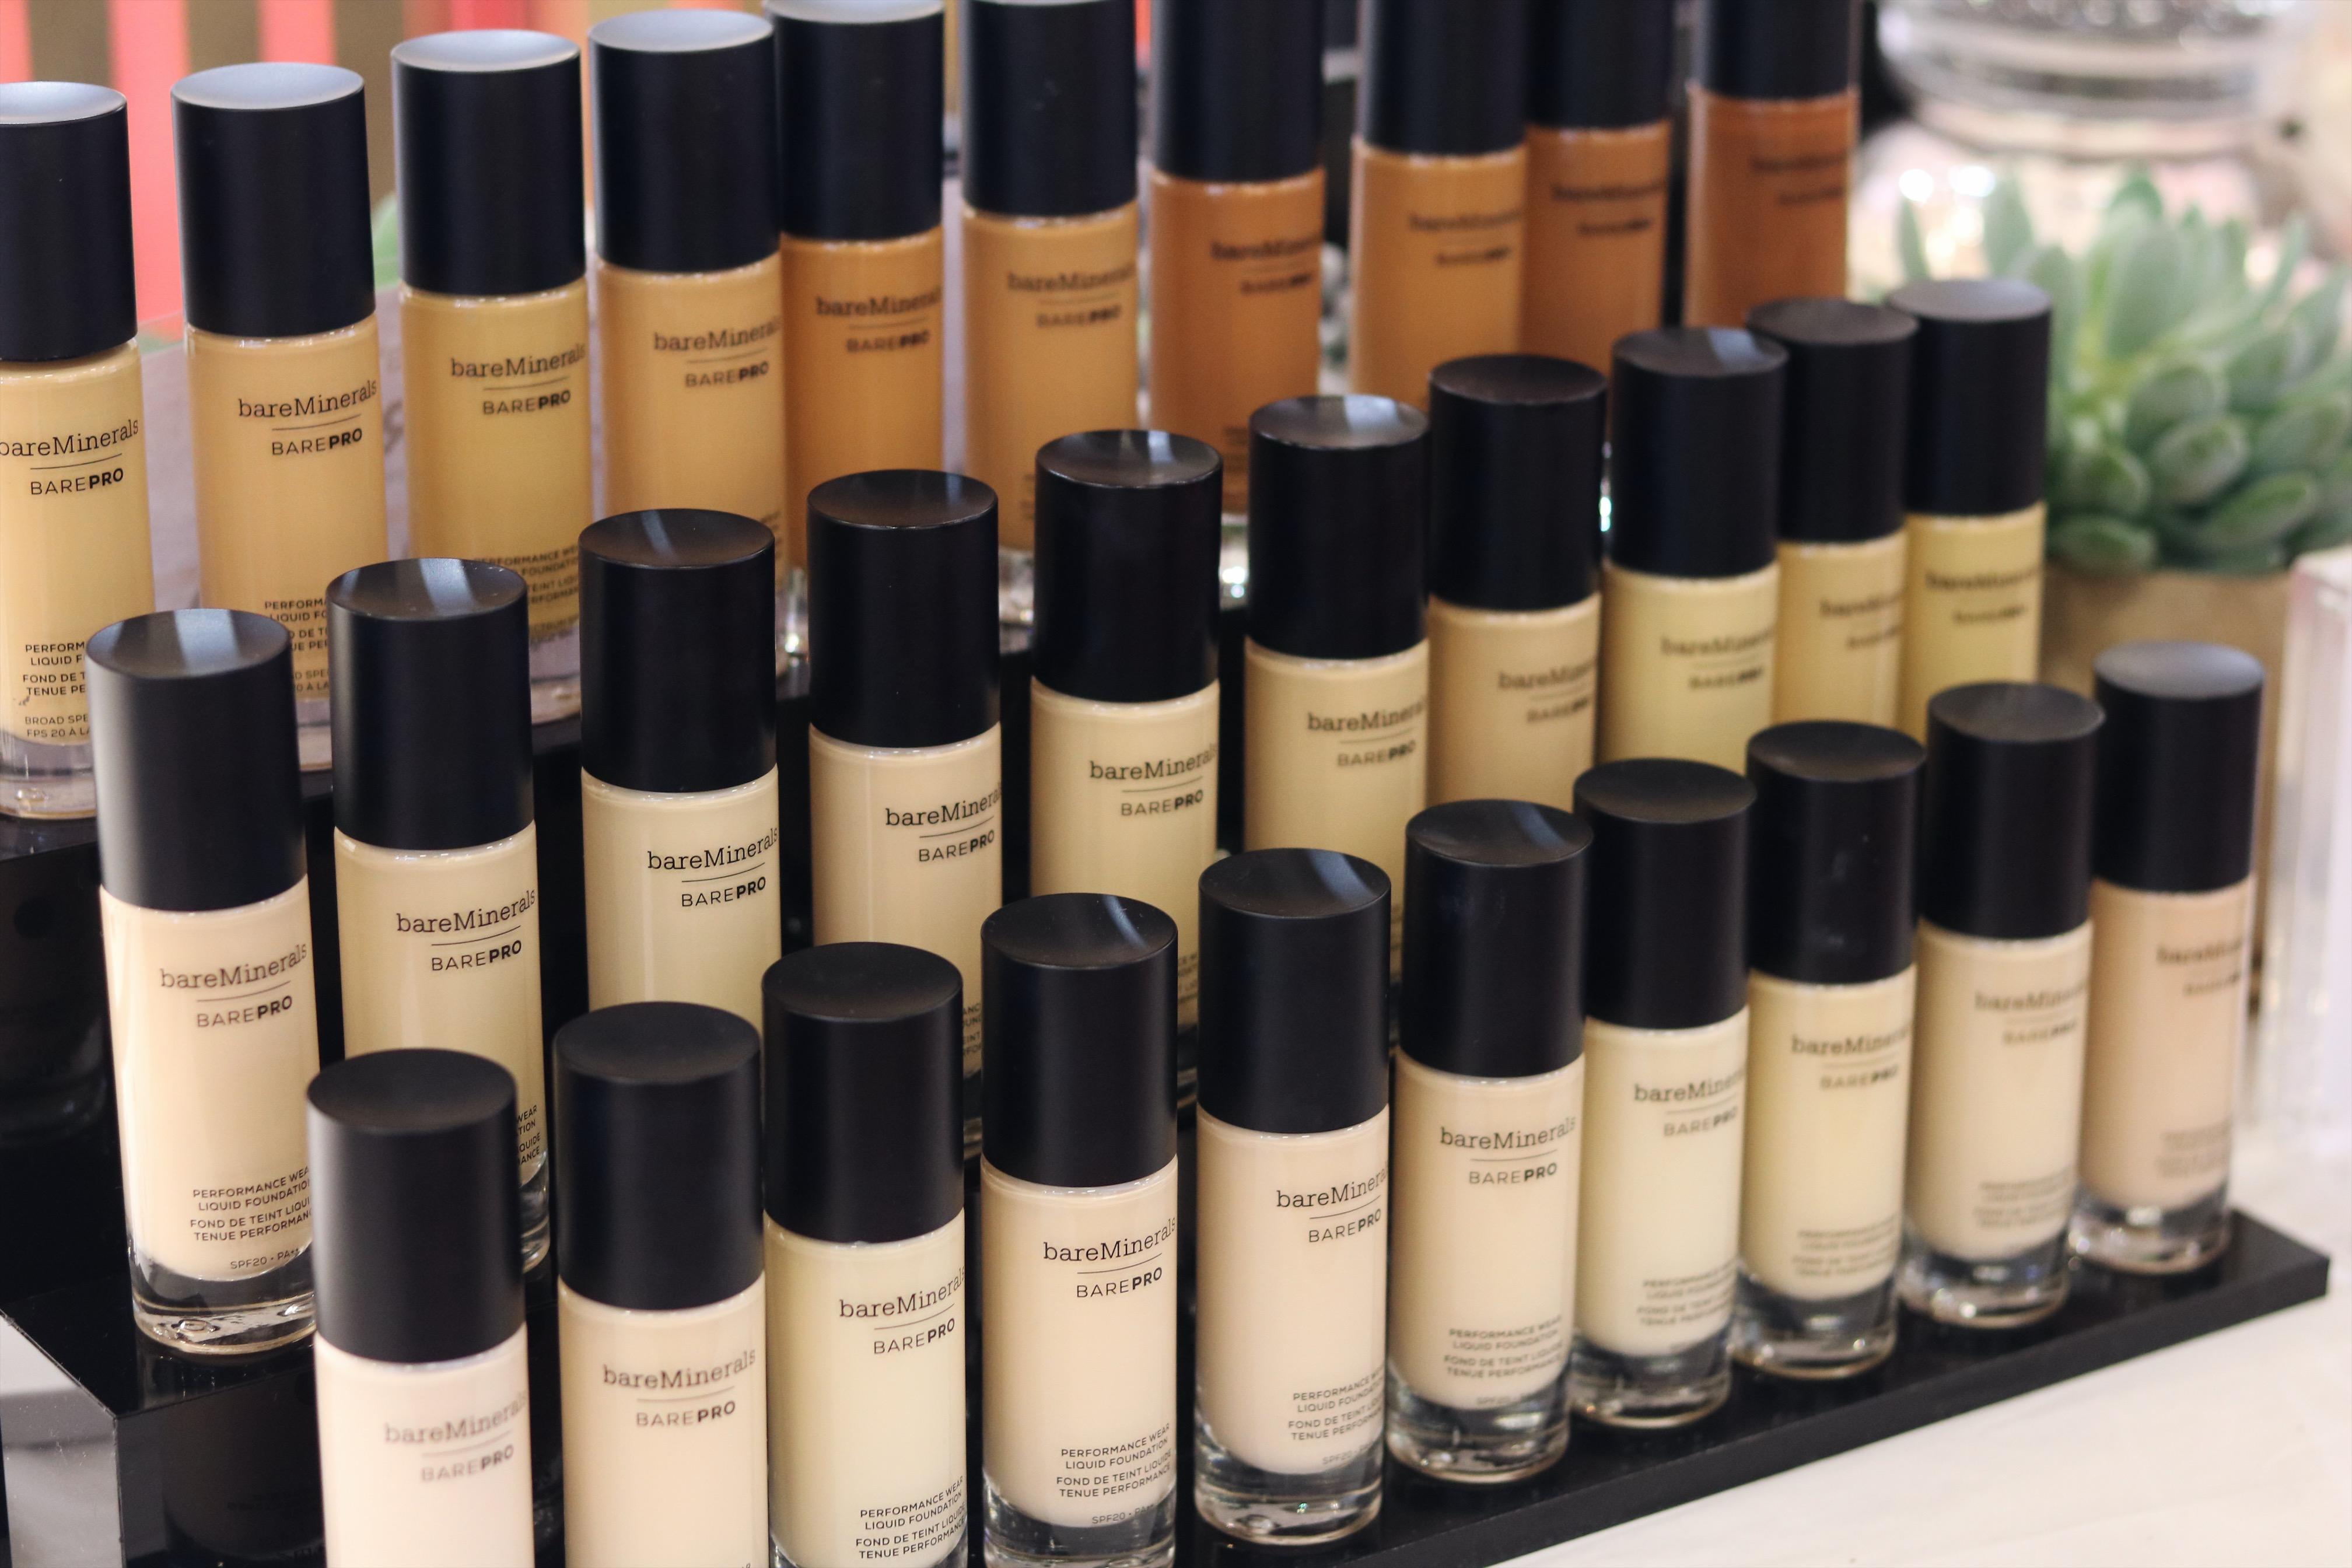 Hud och Kosmetikmässan, Hud & Kosmetikmässan 2017, press, skönhetsblogg, Ellance, Dr DEnnis Gross, Spectralite, bareMinerals, Barepro, Brow Master, Barber Pro, BarePro